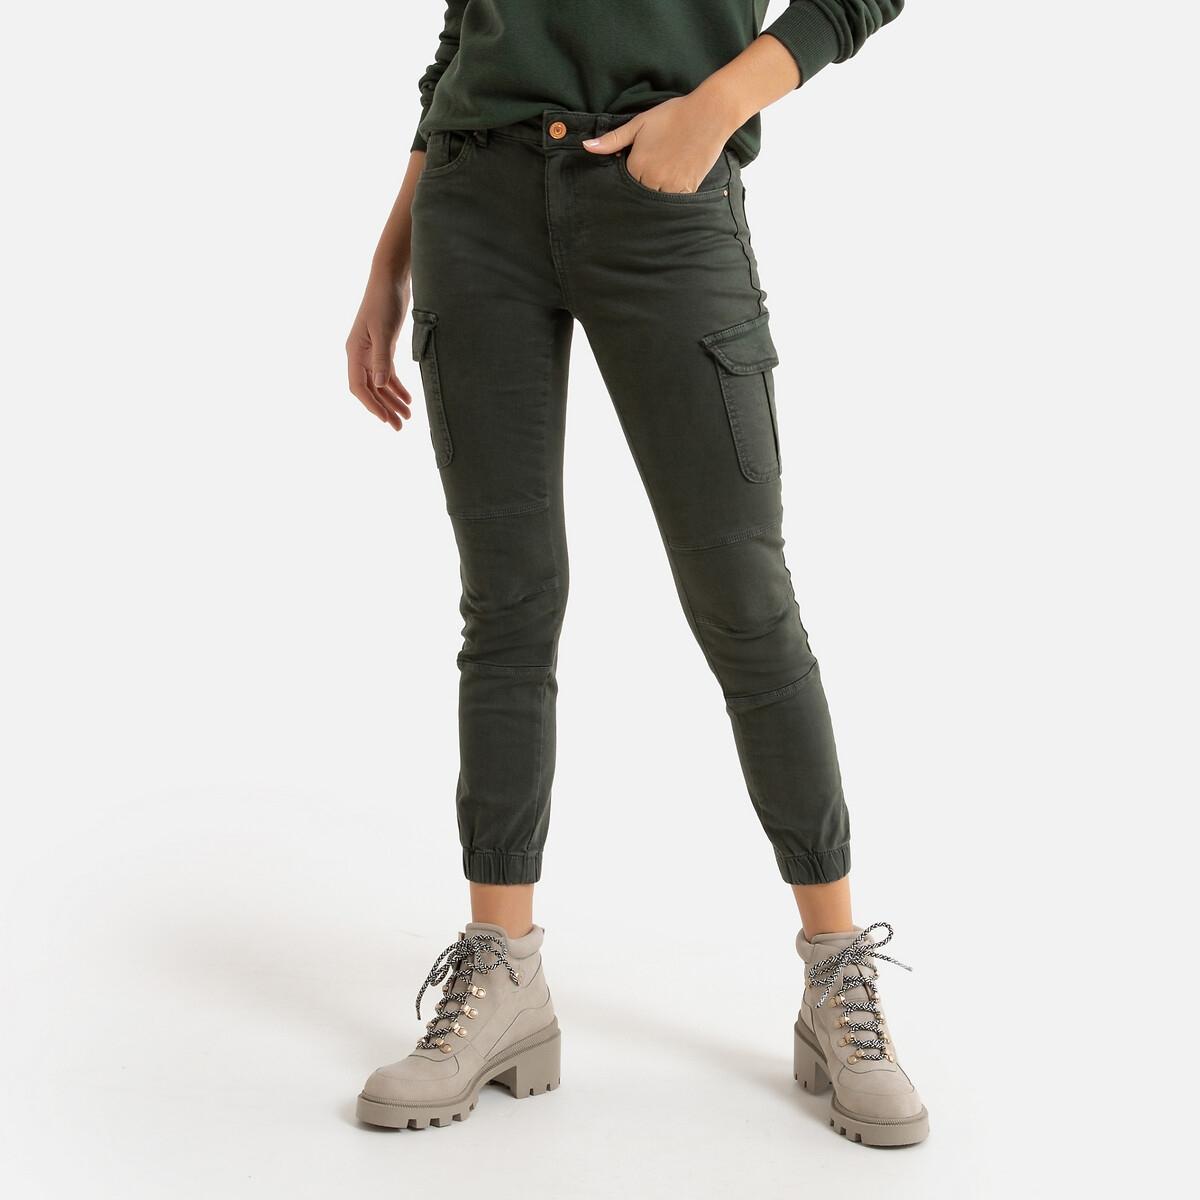 Брюки-скинни LaRedoute Эффект карго длина 30 36 (FR) - 42 (RUS) зеленый брюки скинни la redoute эффект карго длина 30 38 fr 44 rus зеленый